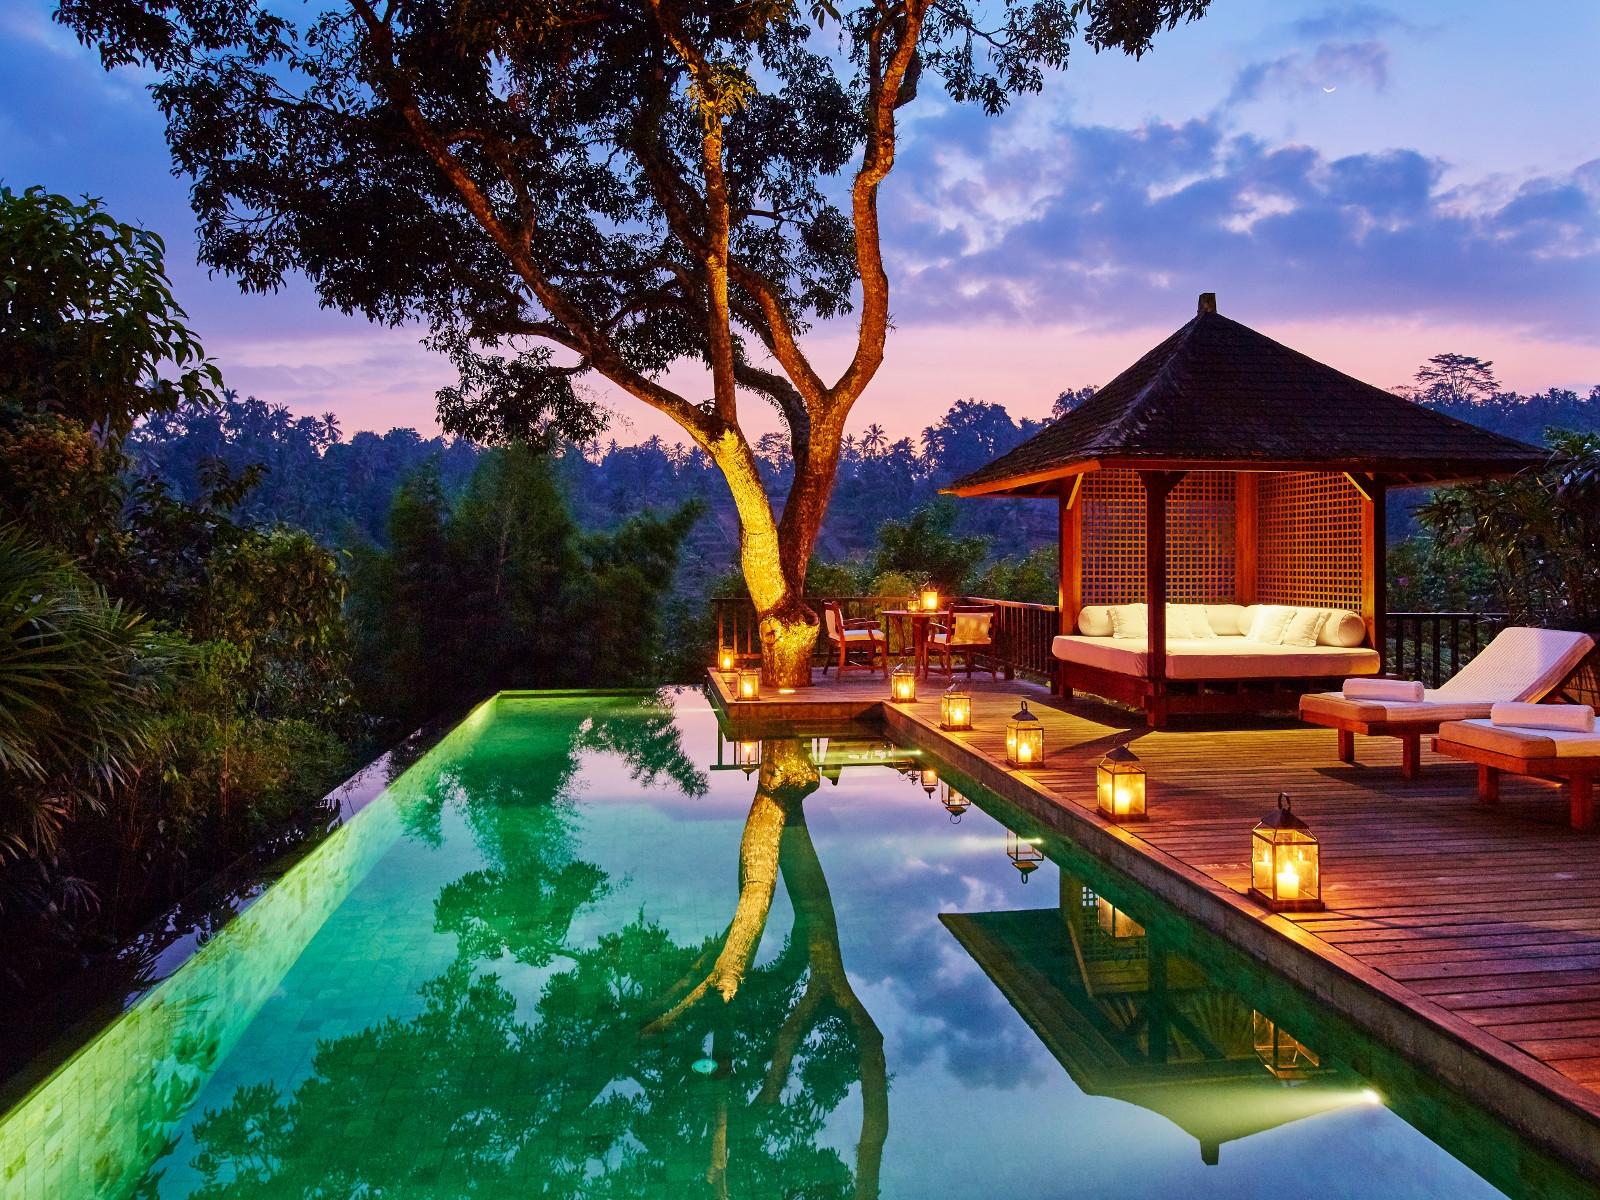 cse_sukma_taru_-_pool_by_night_3.jpg